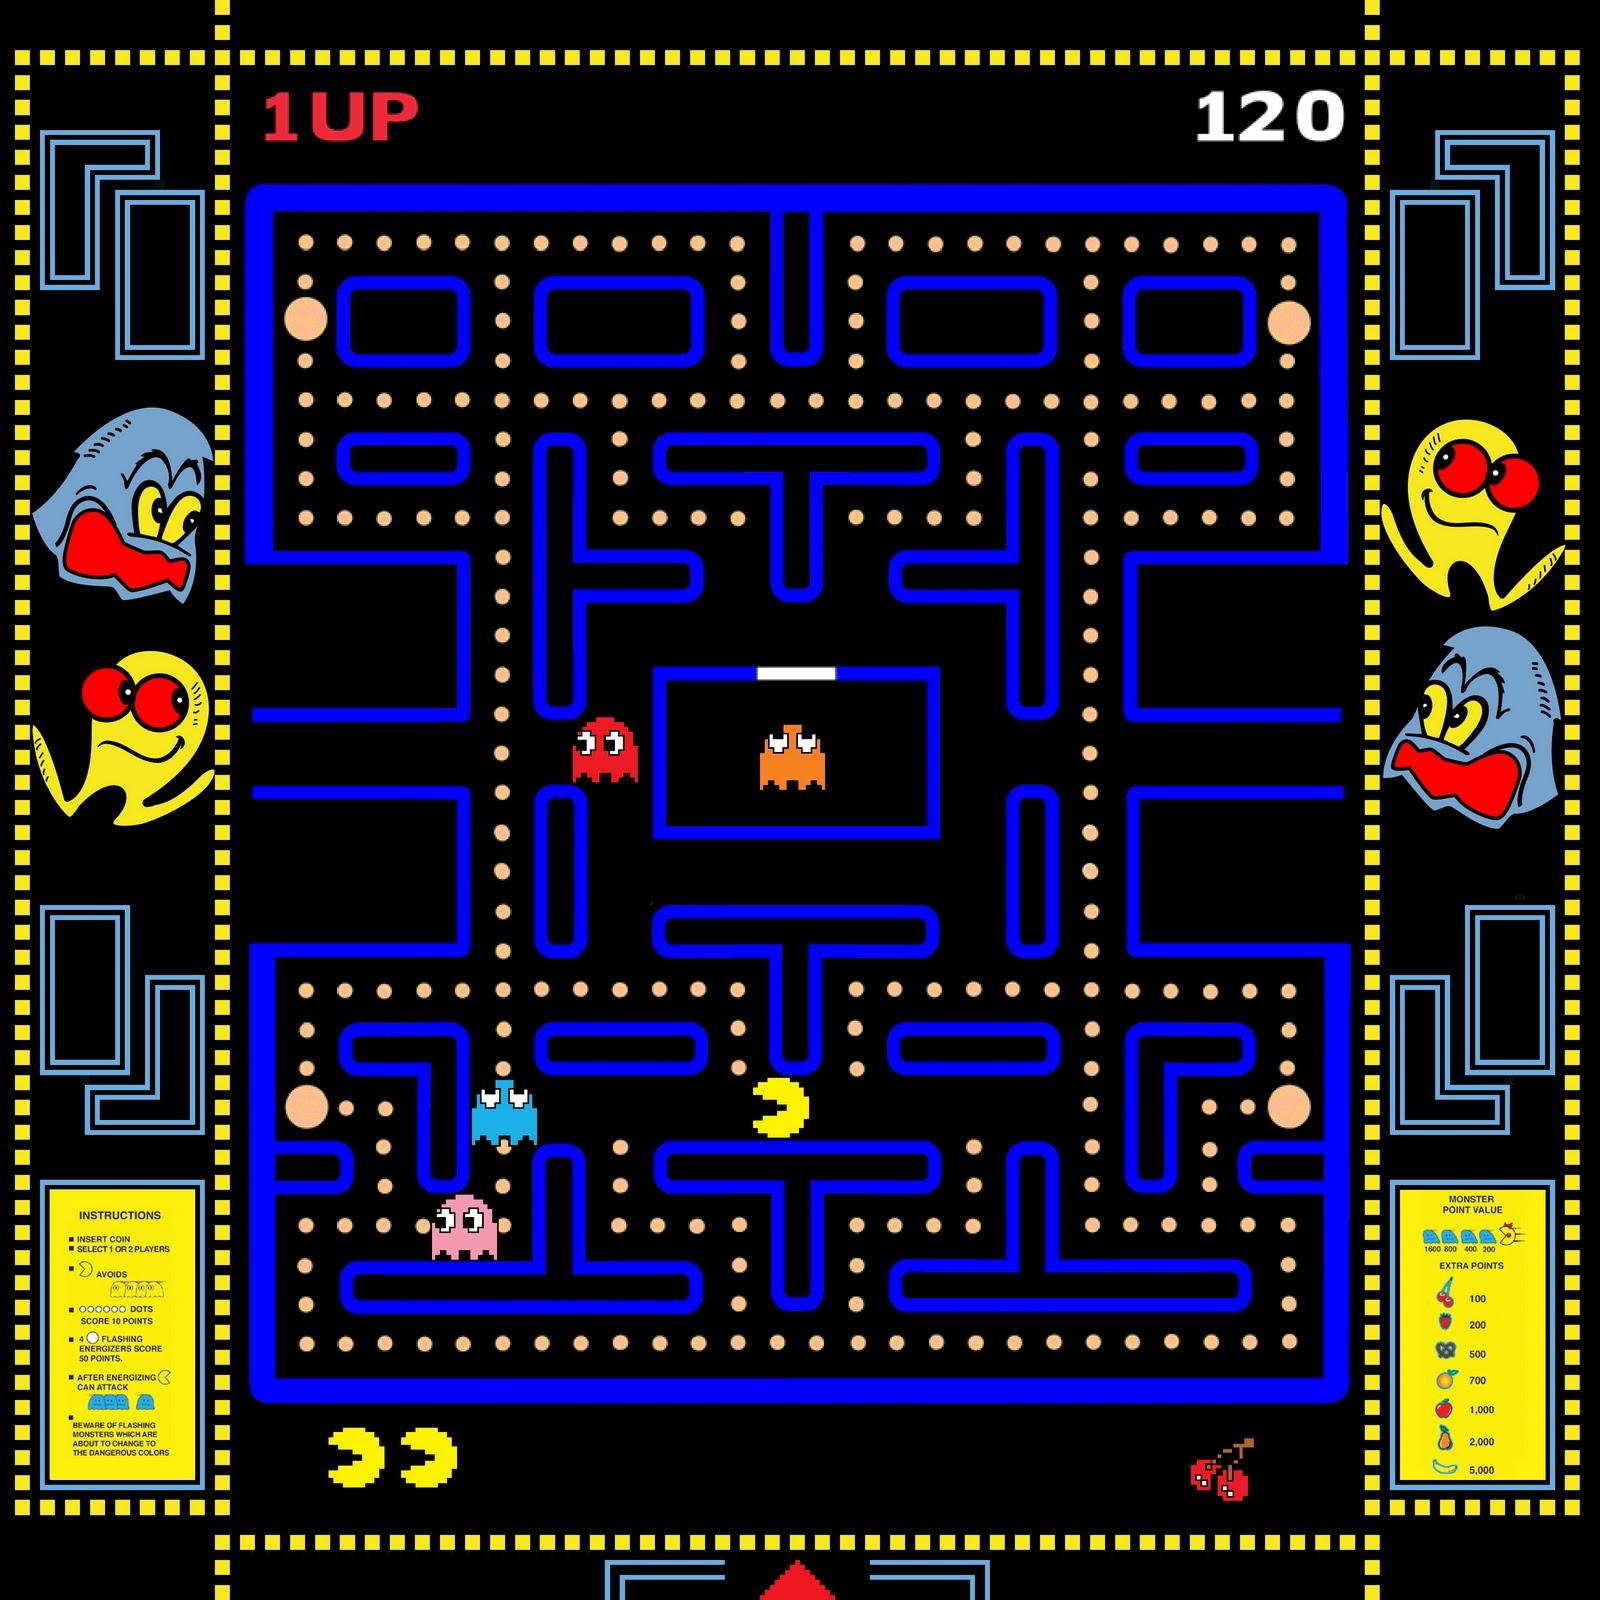 juego real arcade: